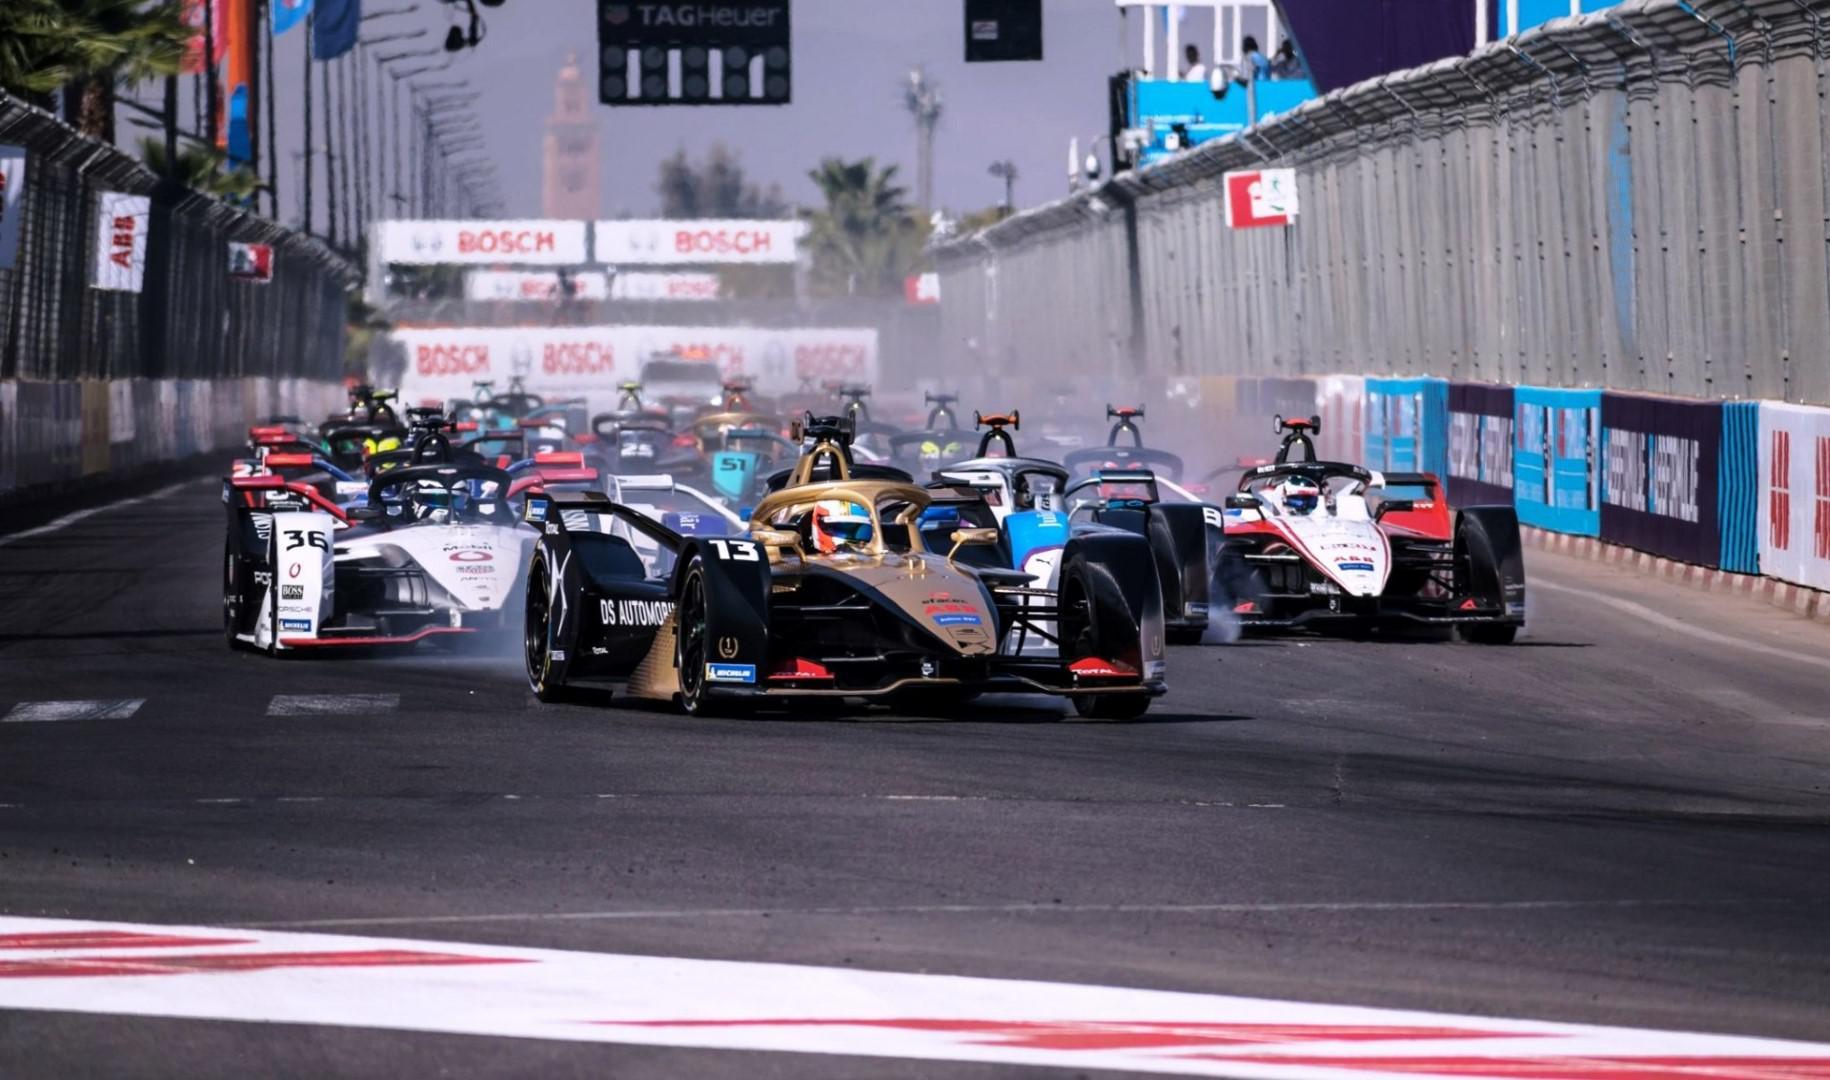 La saison de Formule E reprend avec six courses à Berlin